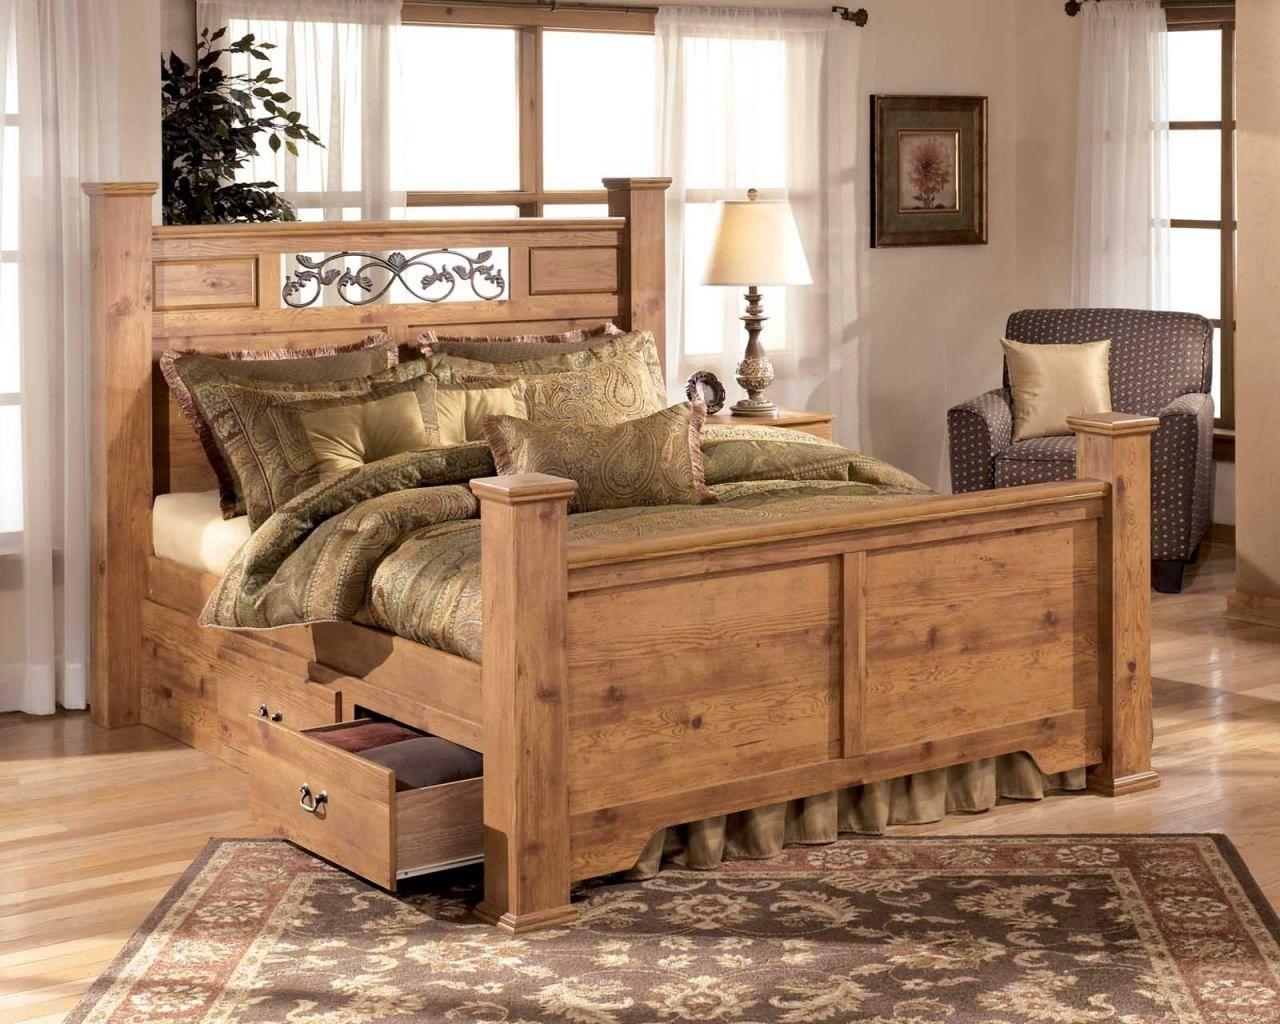 Bedroom Furniture With Storage Under Bed Pine bedroom